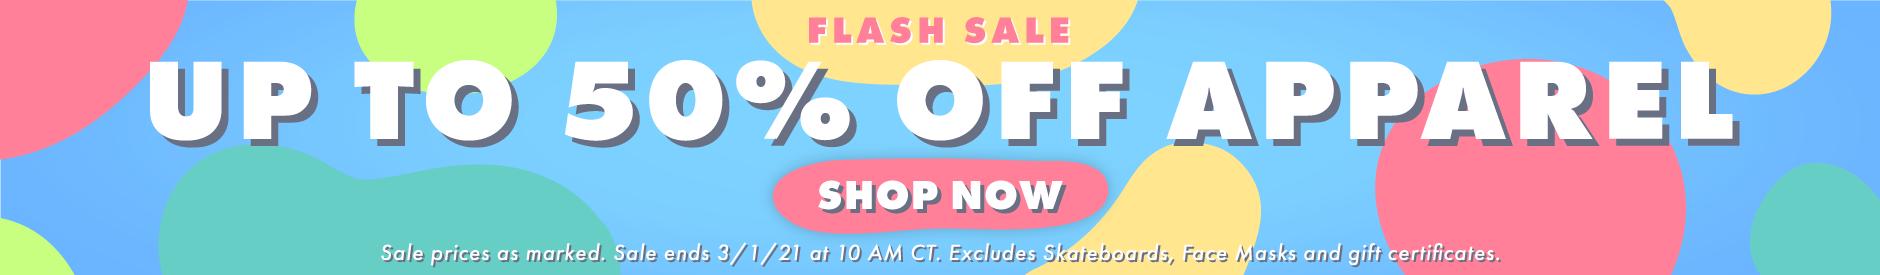 50% Off Apparel Flash Sale